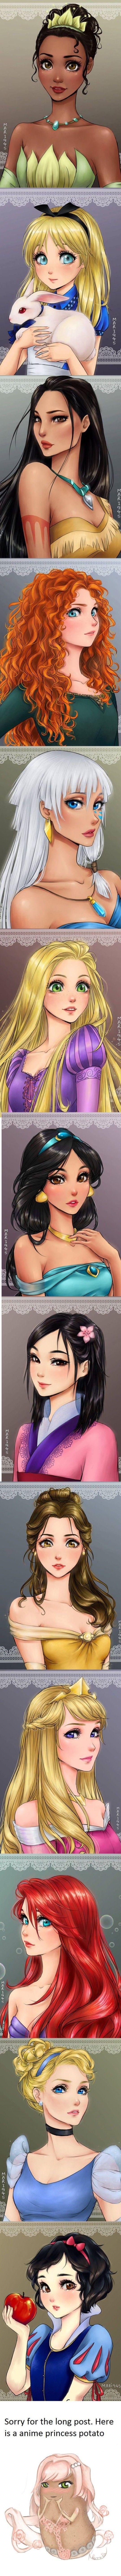 If Disney was Anime | Mega Memes LOL!... - 2funnys - http://2funnys.com/if-disney-was-anime-mega-memes-lol-2funnys/ - *, 2funnys, Anime, Disney, Funny Pic of the Day, LOL, Mega, Memes